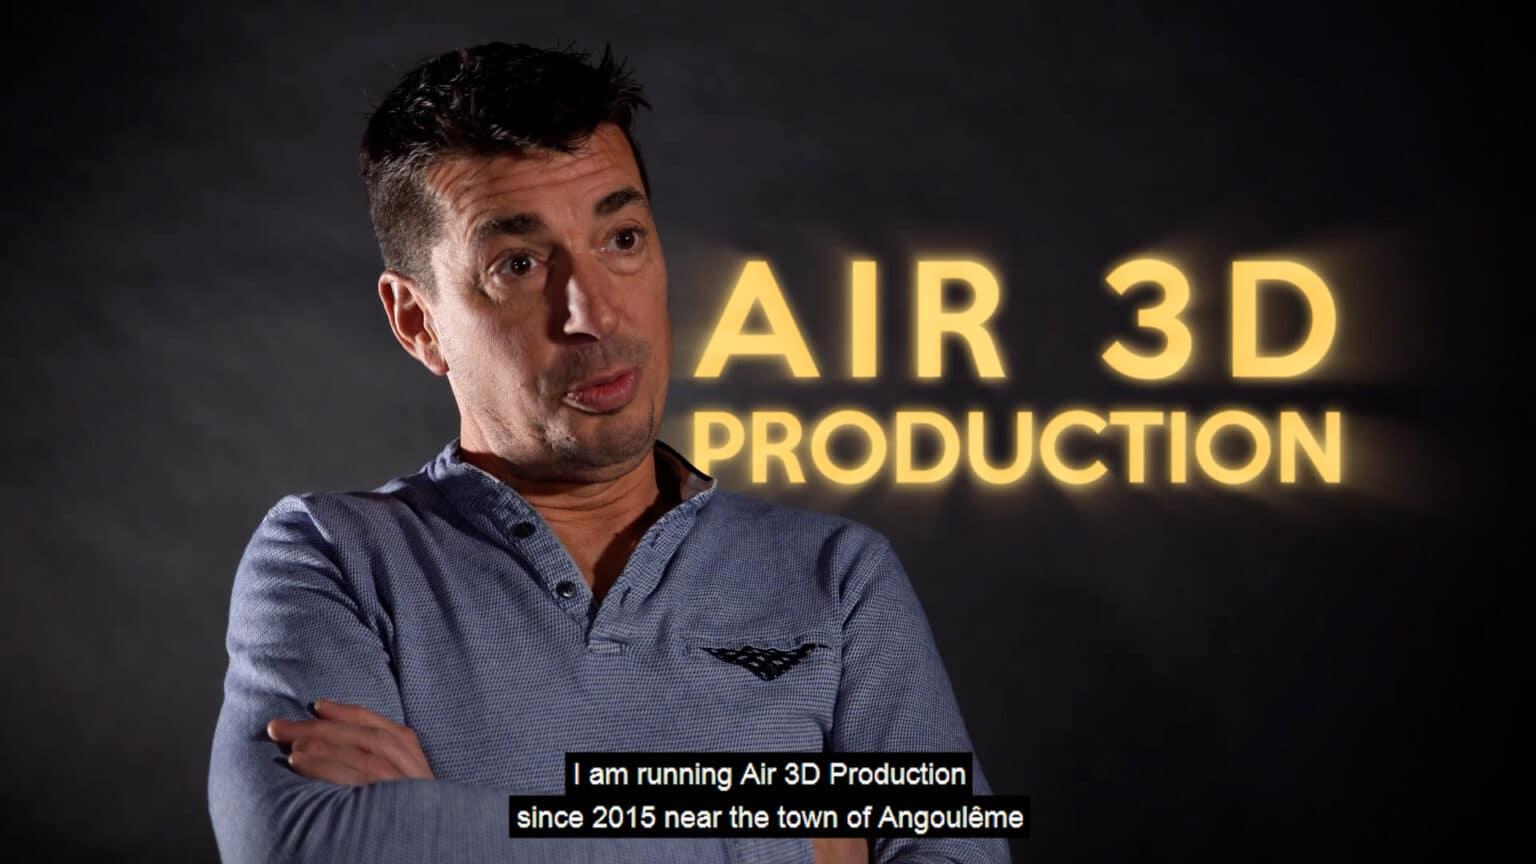 AIR 3D Production